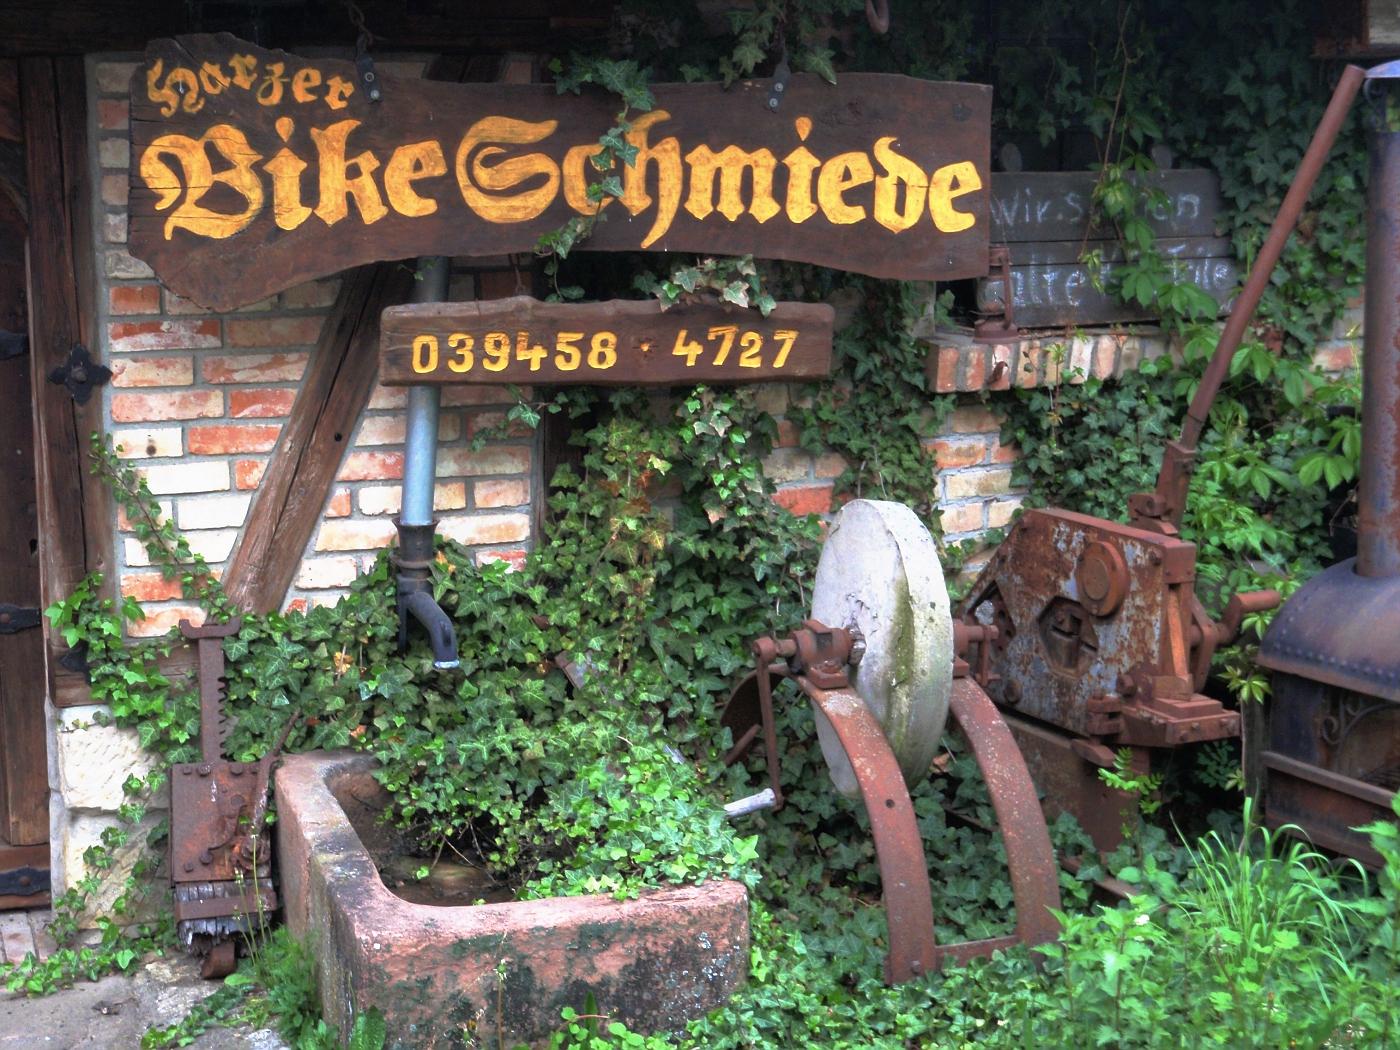 Bike-Schmiede in Zilly